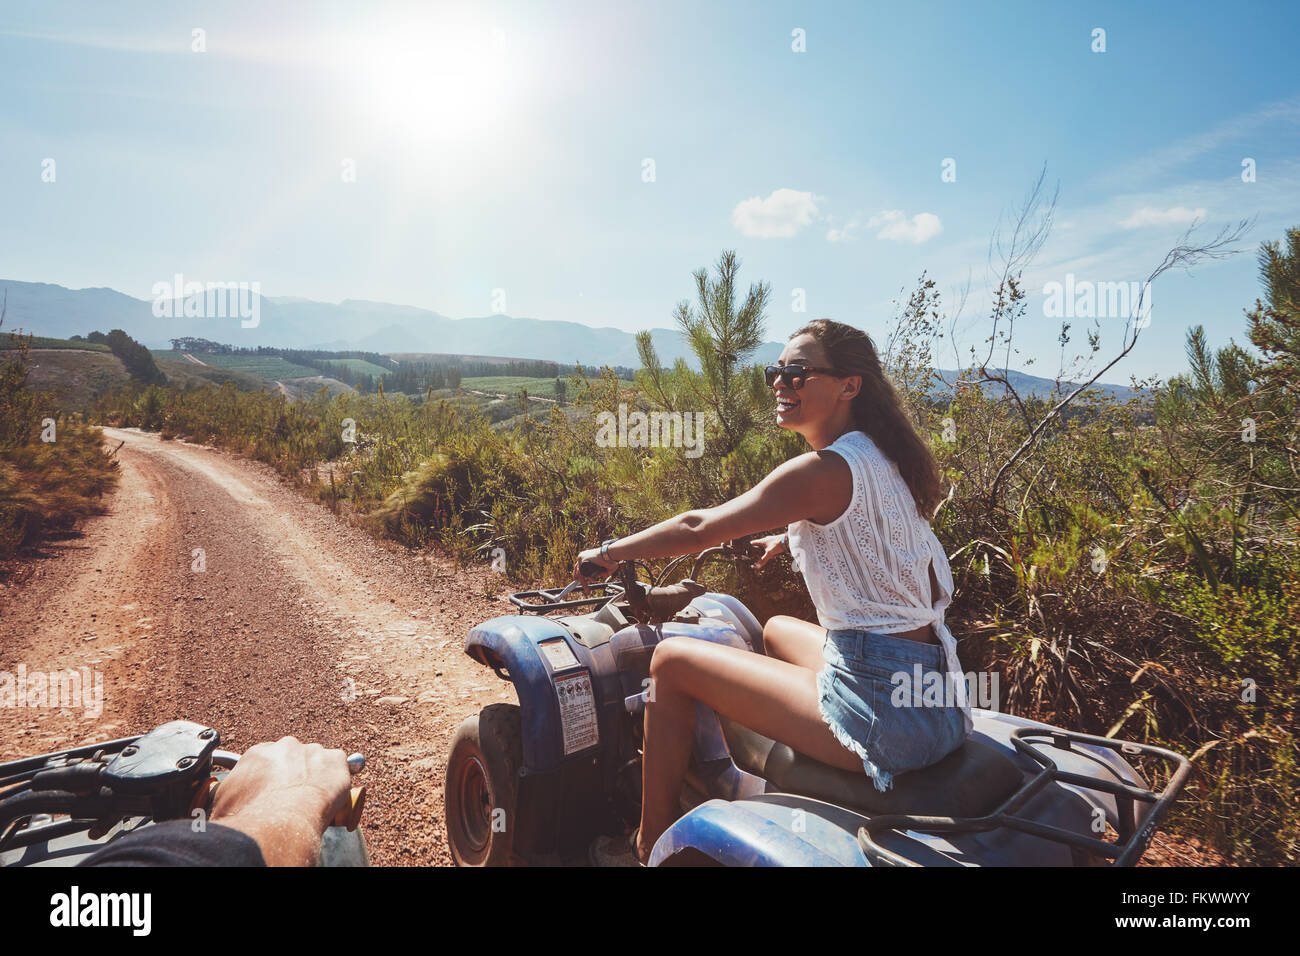 Junge Frau auf Quad-Bike auf einem Pfad. Junge Autofahrerin all-Terrain-Fahrzeug in der Natur an einem sonnigen Stockbild